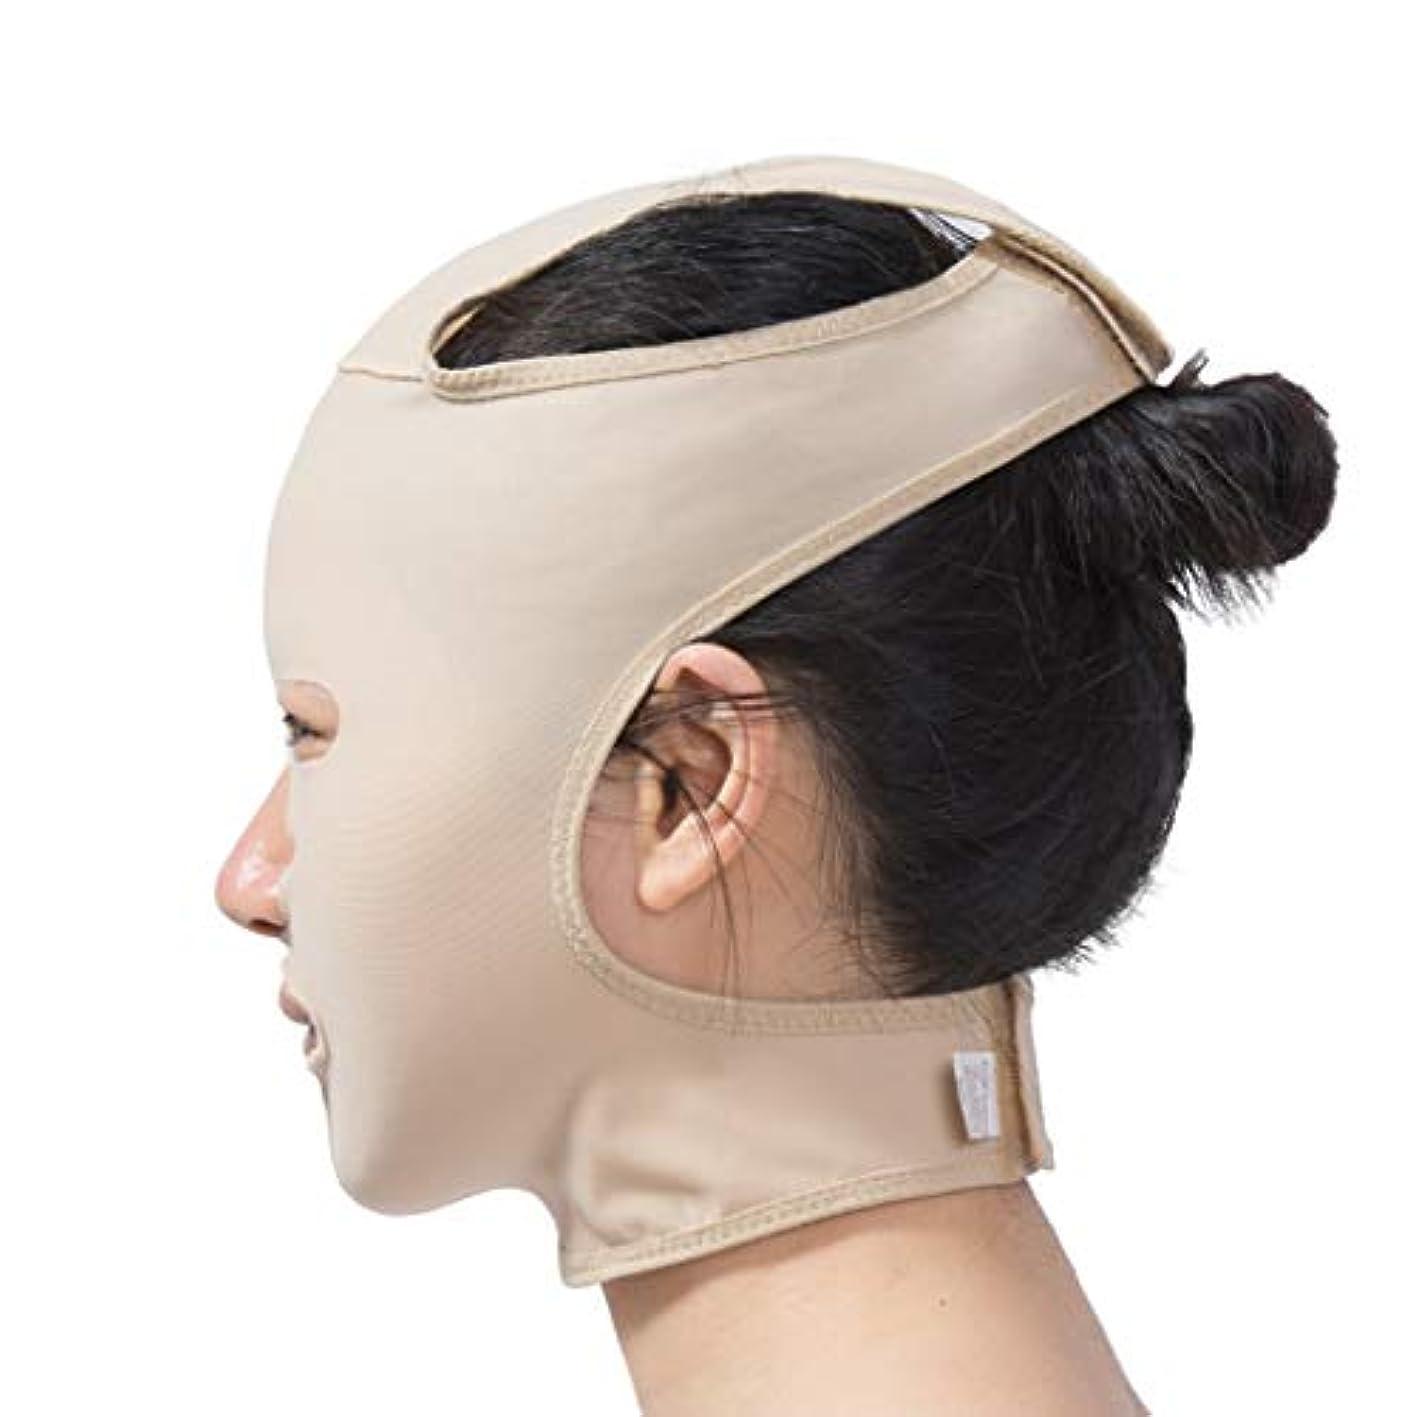 不安定なトロリーバス建てるXHLMRMJ フェイスリフトマスク、フルフェイスマスク医療グレード圧力フェイスダブルチンプラスチック脂肪吸引術弾性包帯ヘッドギア後の顔の脂肪吸引術 (Size : XL)